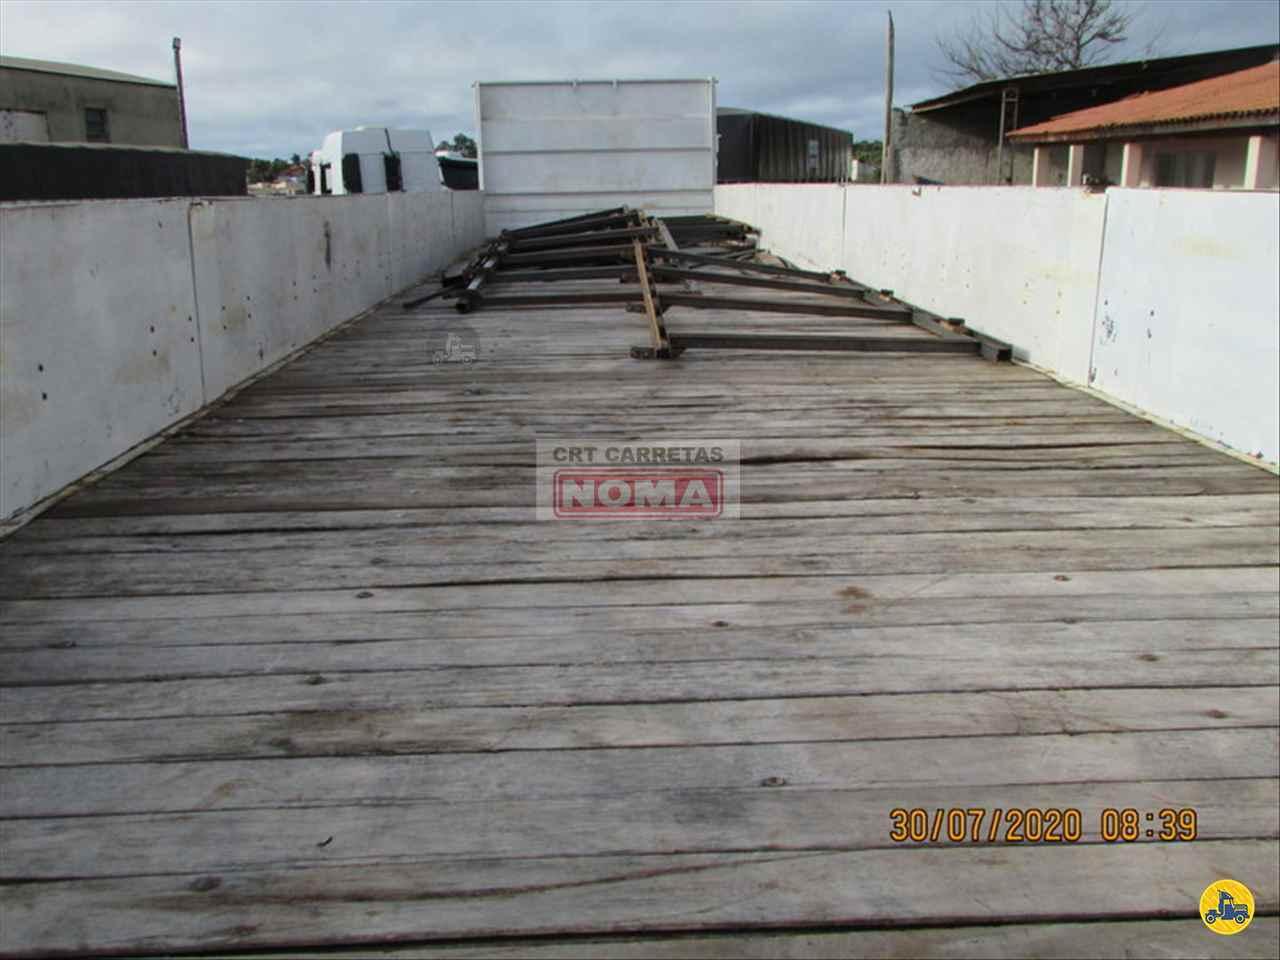 SEMI-REBOQUE CARGA SECA  2012/2012 CRT Carretas - NOMA